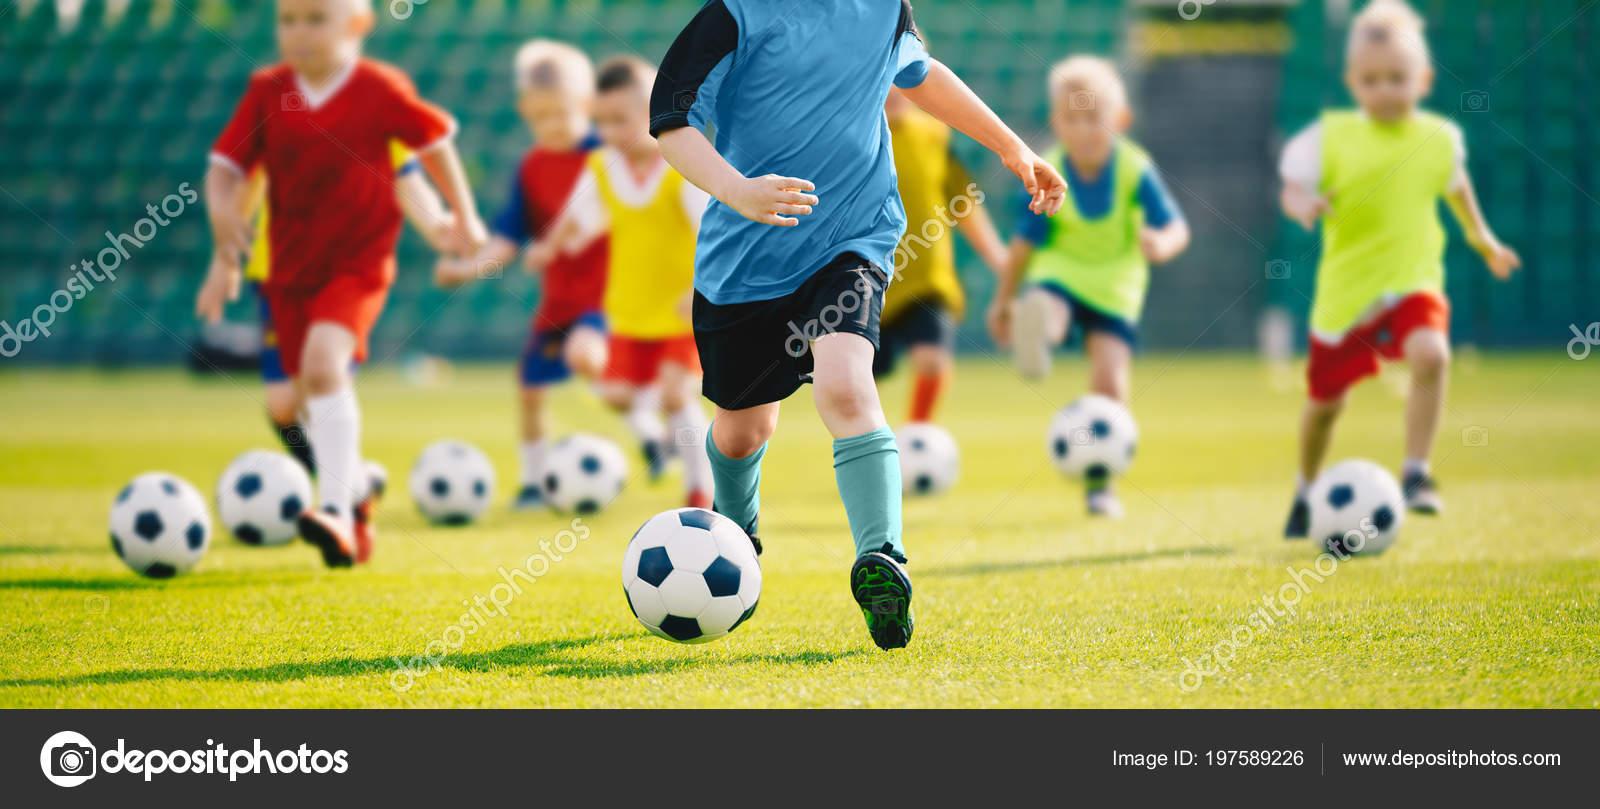 Fútbol Entrenamiento Fútbol Para Niños Sesión Entrenamiento Fútbol Infantil  Los — Foto de Stock 3b75b65e545fd